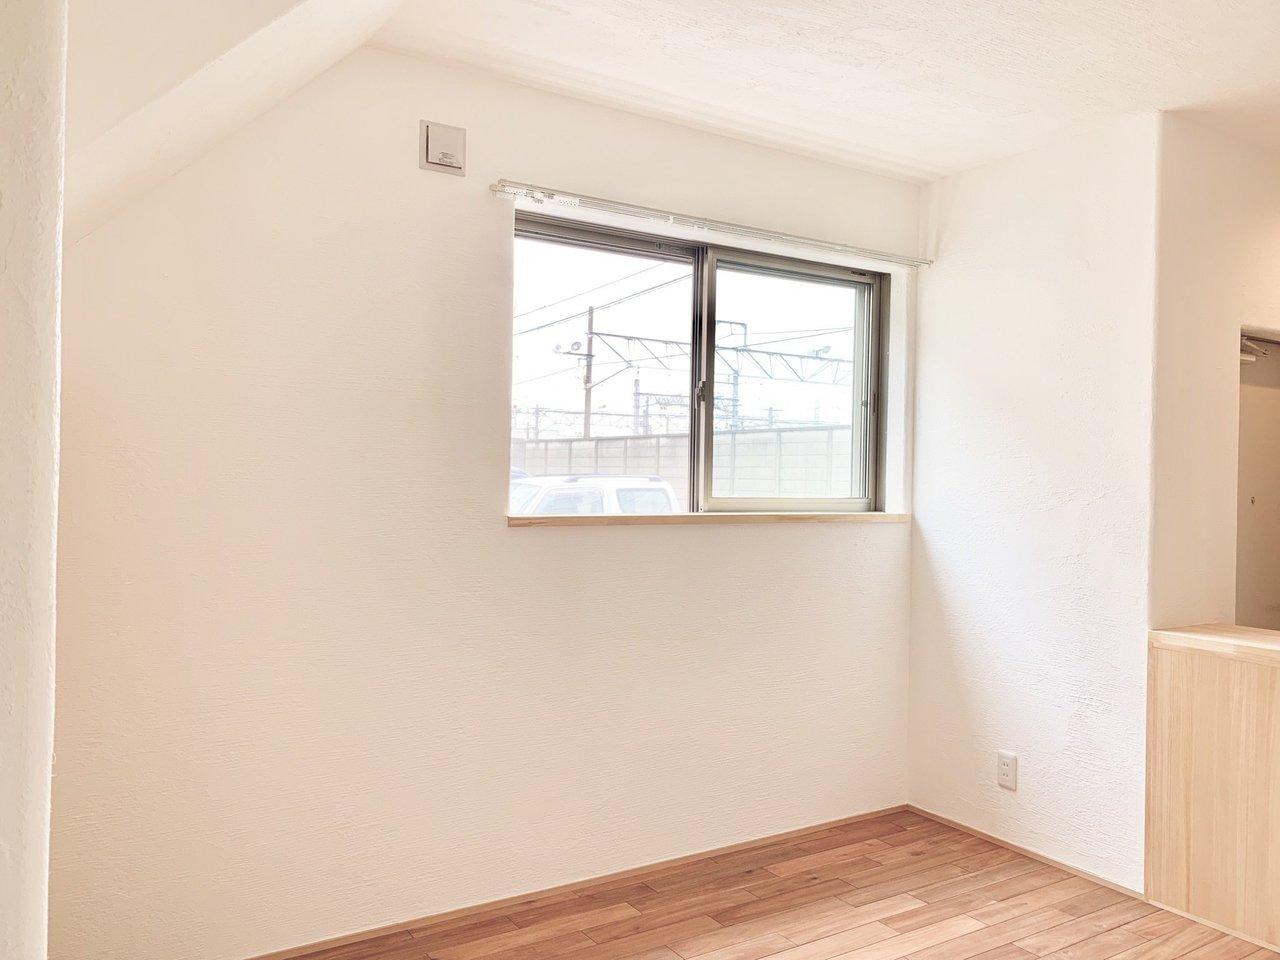 リビングには小窓が。この下にダイニングテーブルを置けば、毎日明るい食卓が待っています。